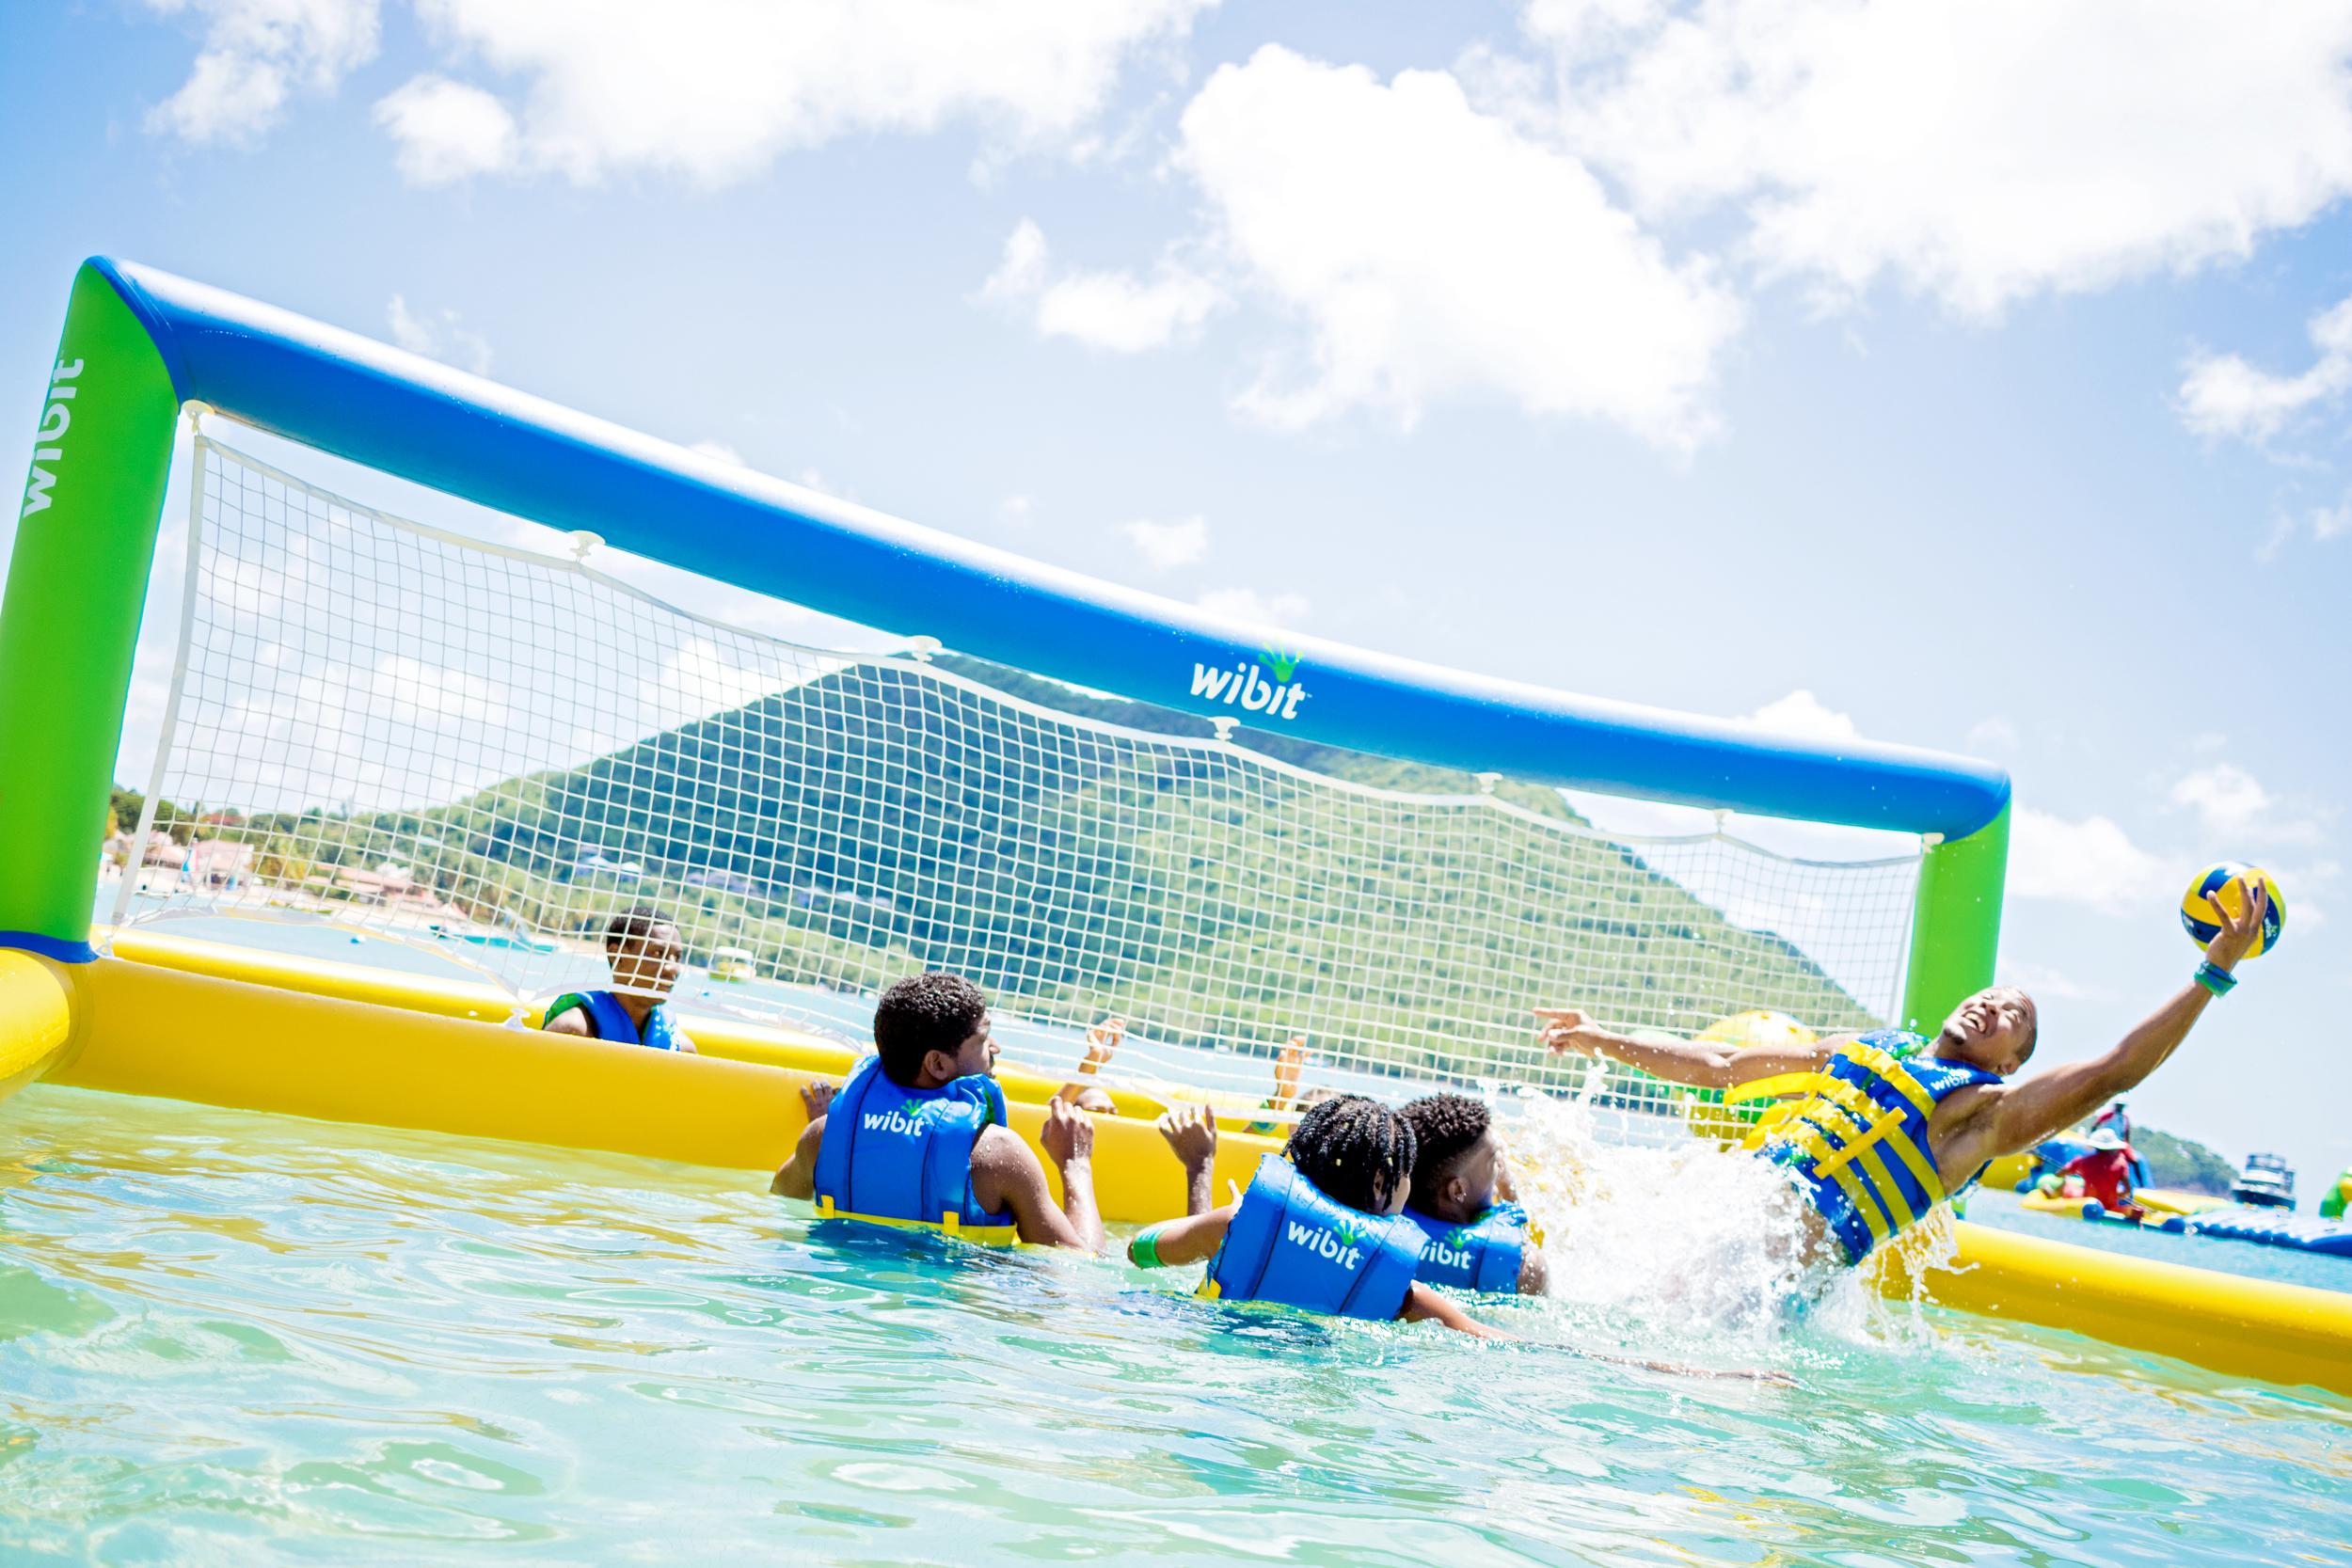 Volleyball Splash Island Water Park St. Lucia